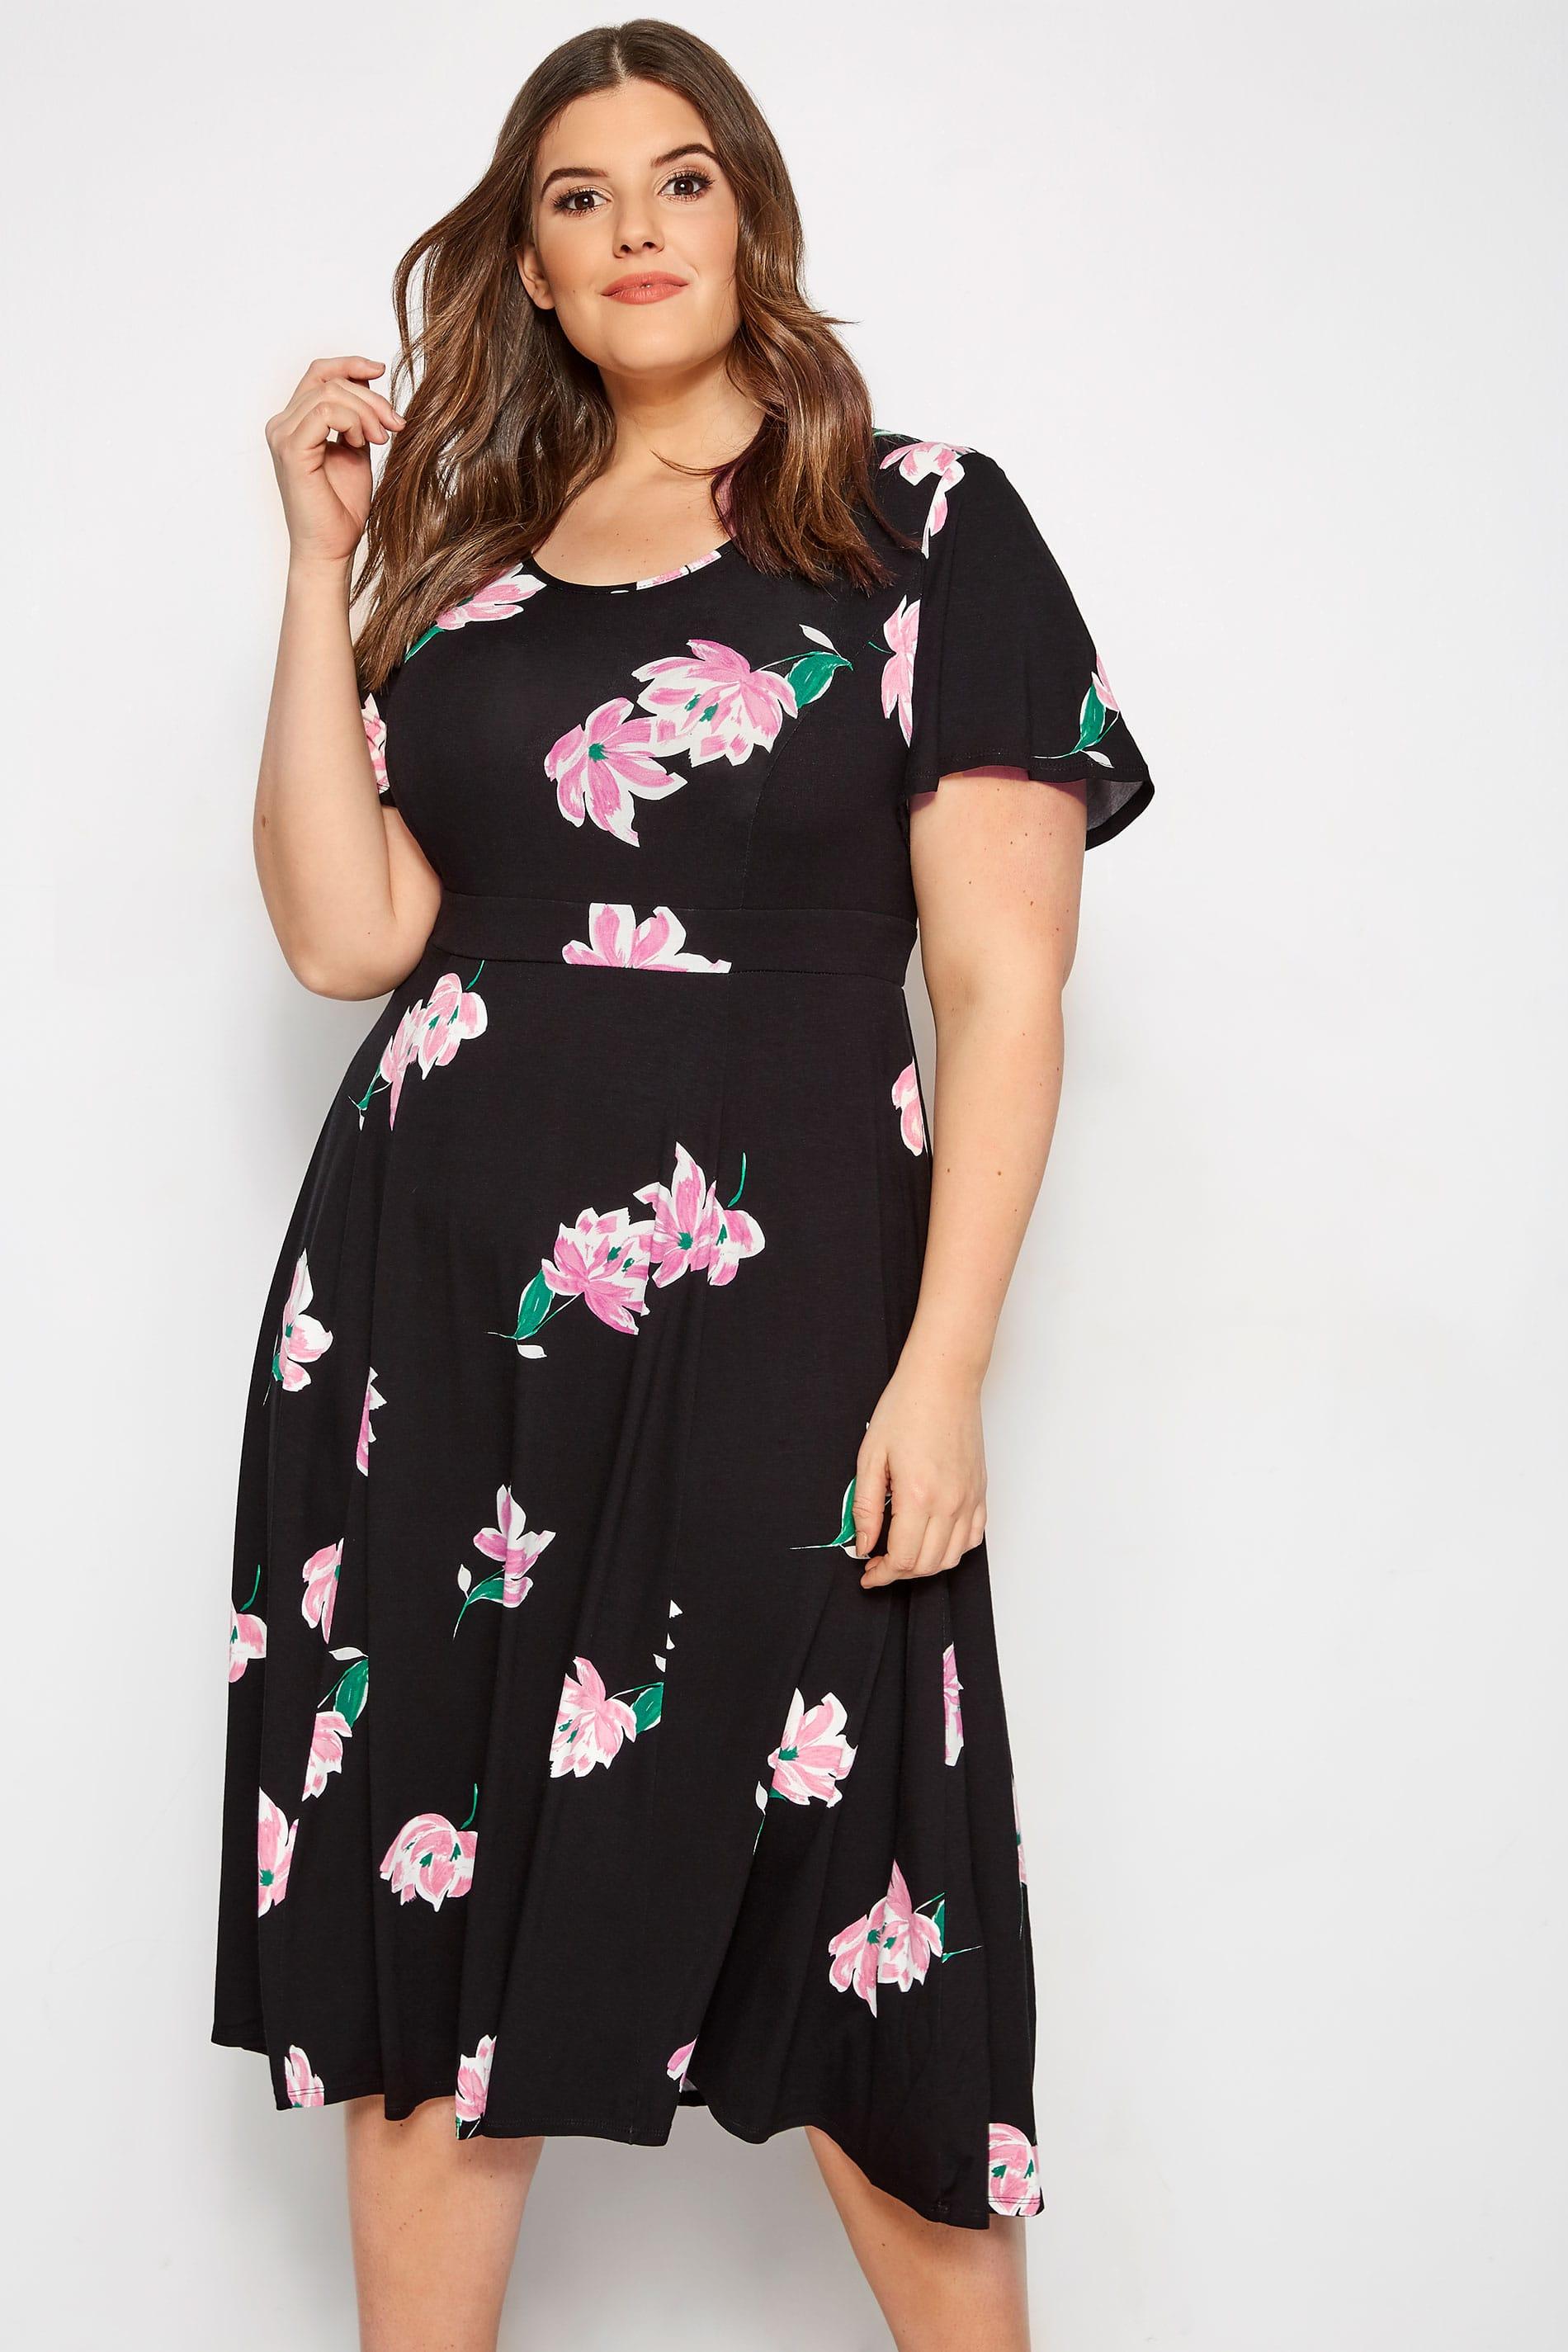 Black & Pink Floral Midi Dress